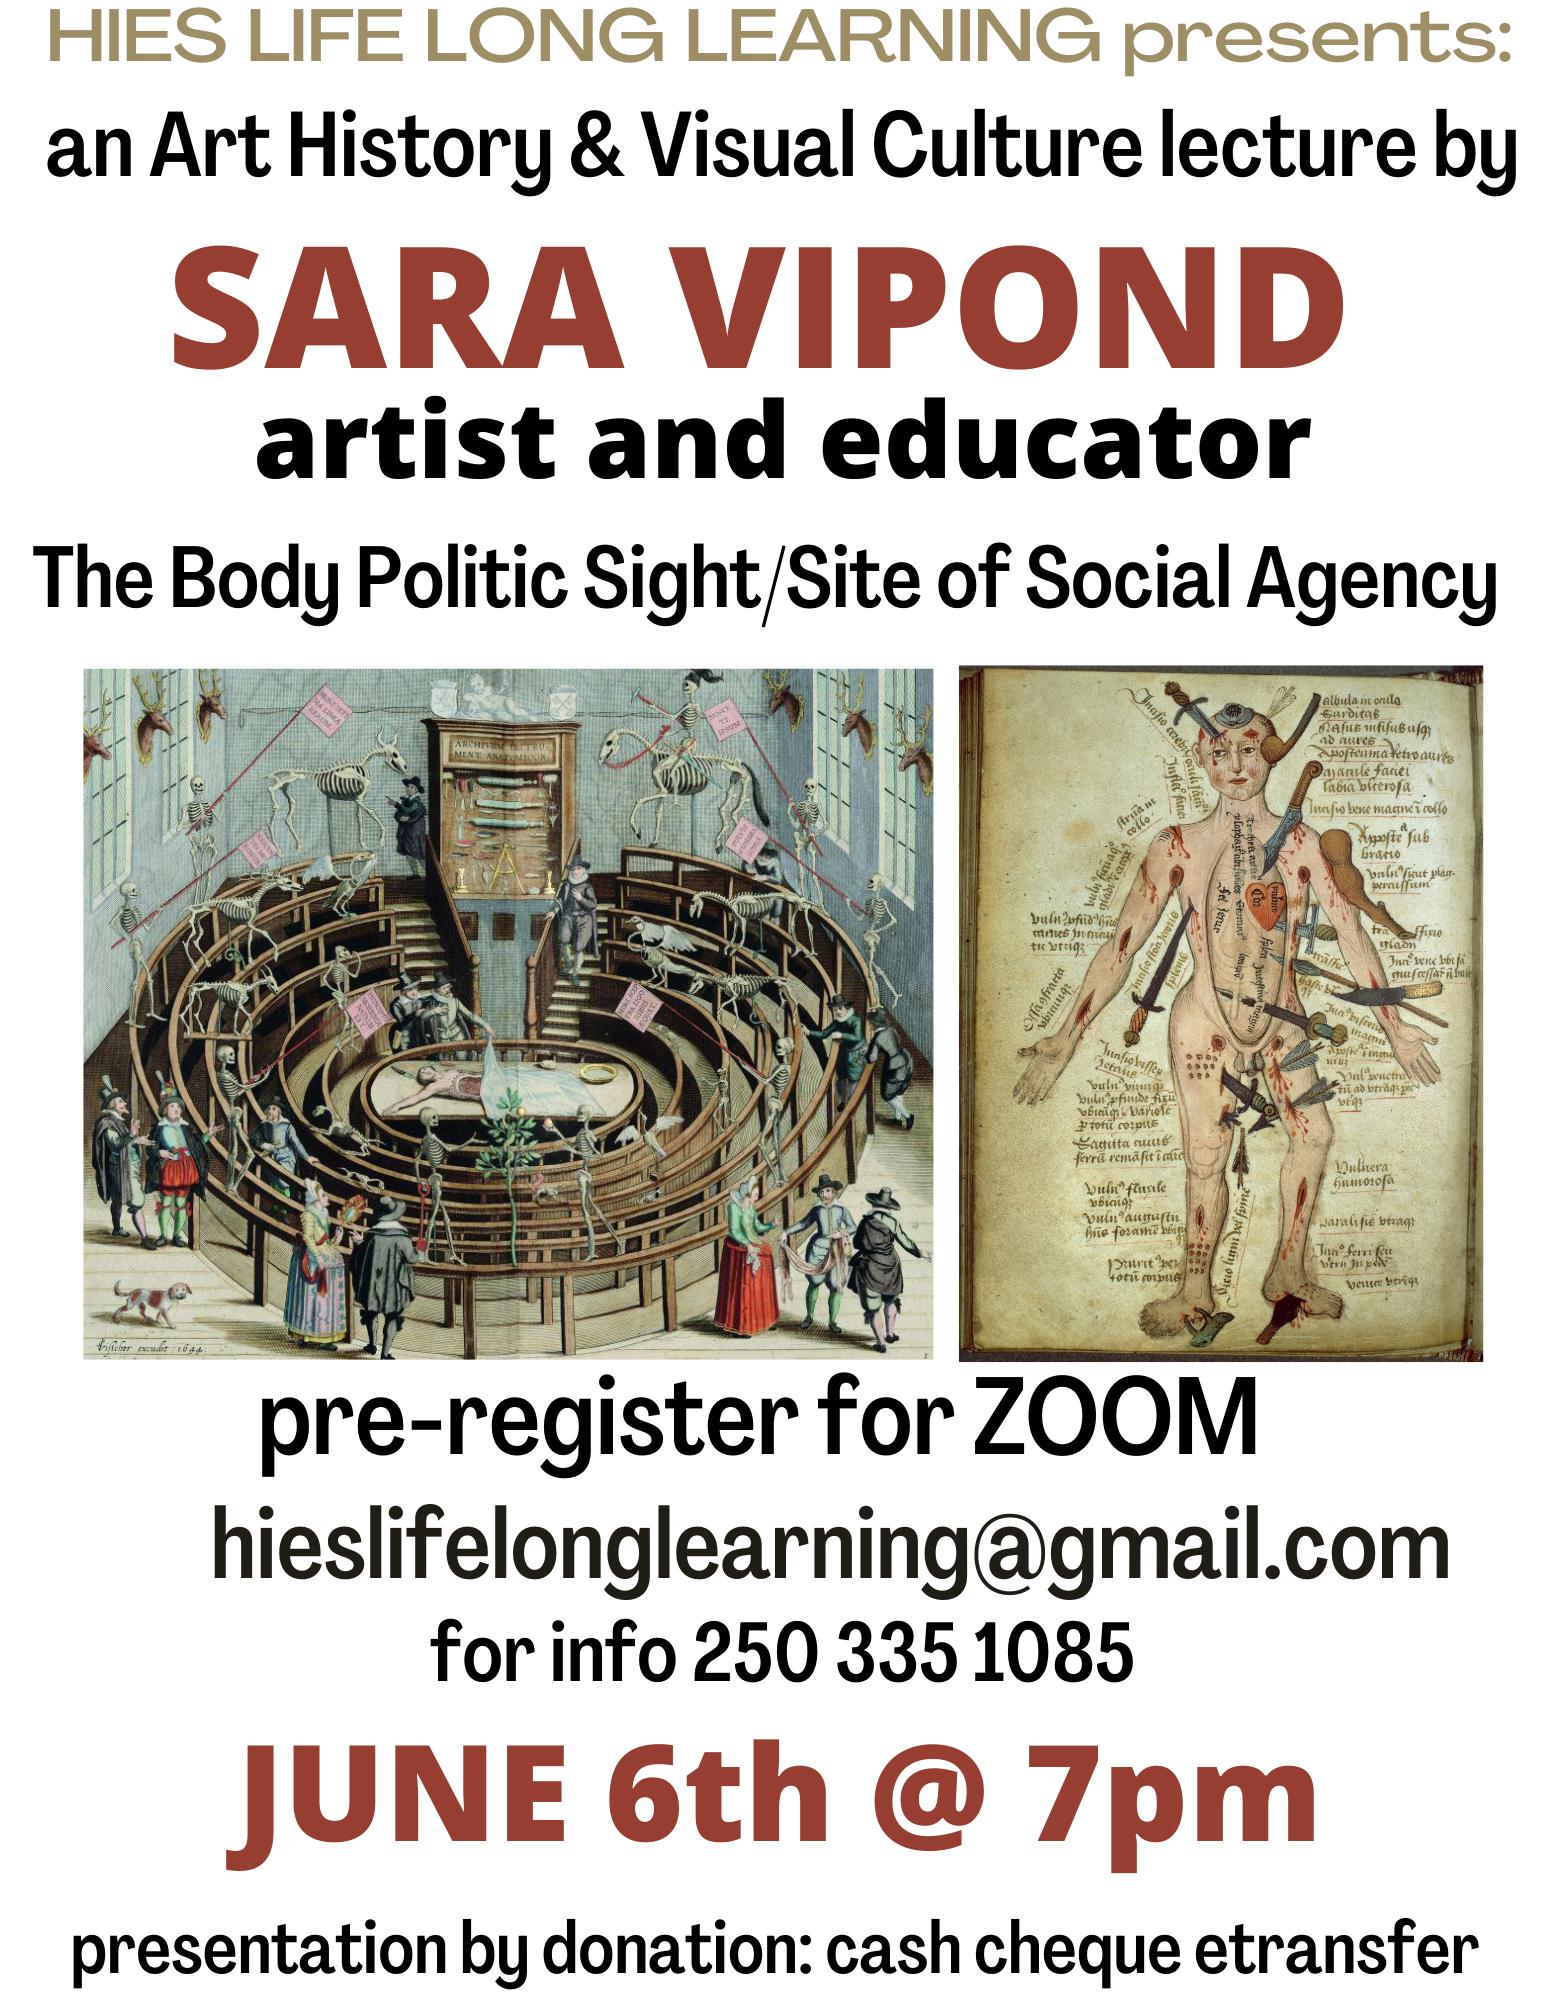 Sara Vipnond Art History LLL (1)